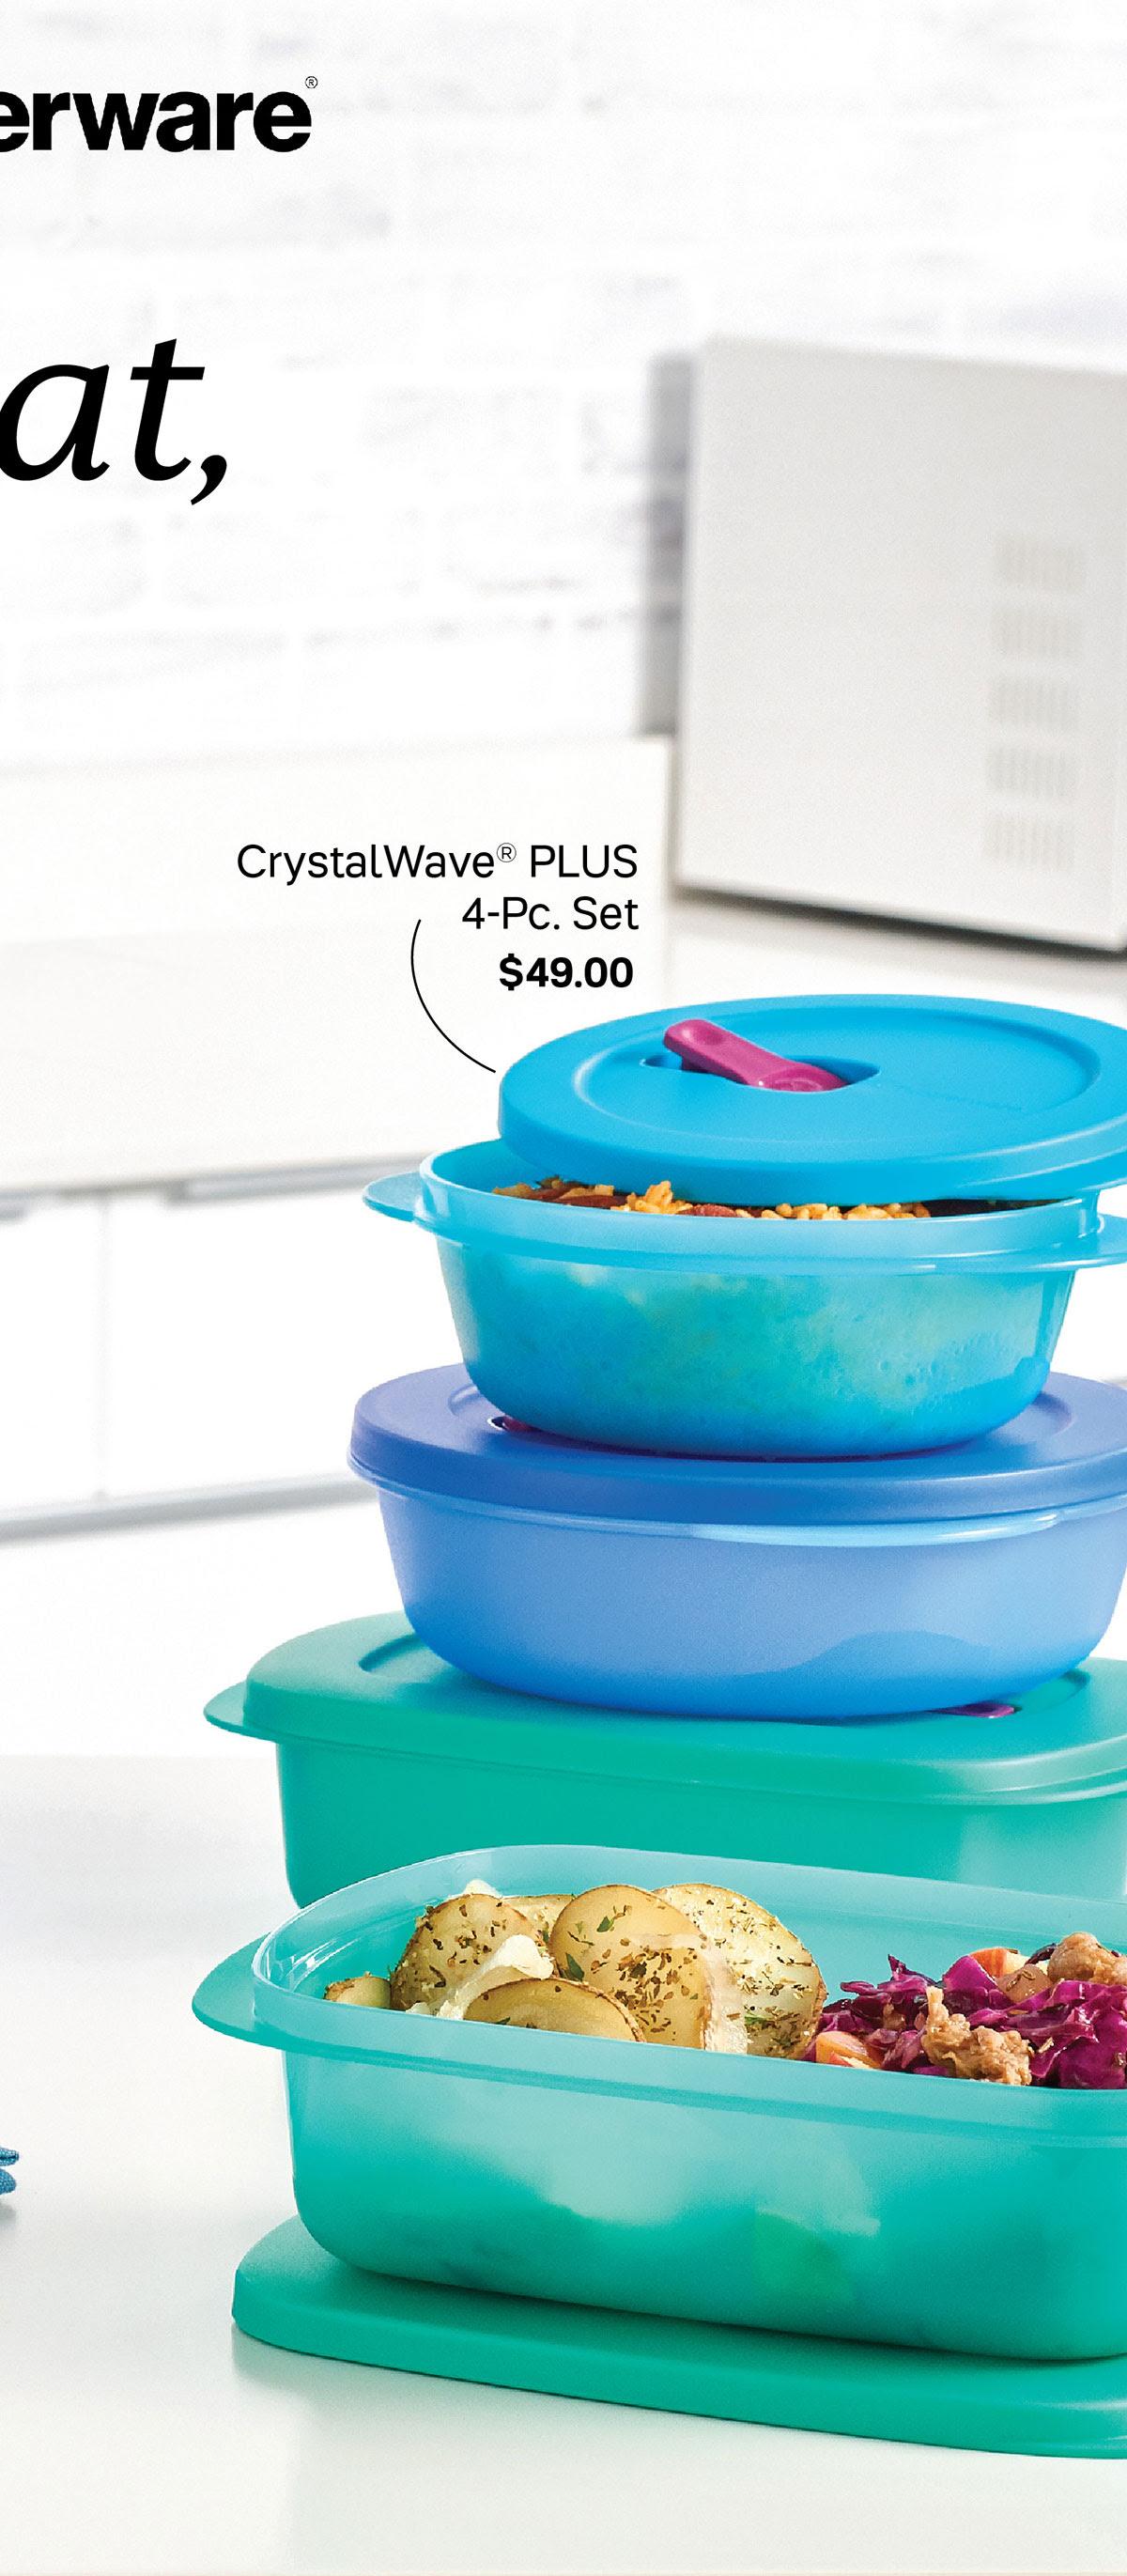 CrystalWave Plus 4pc set